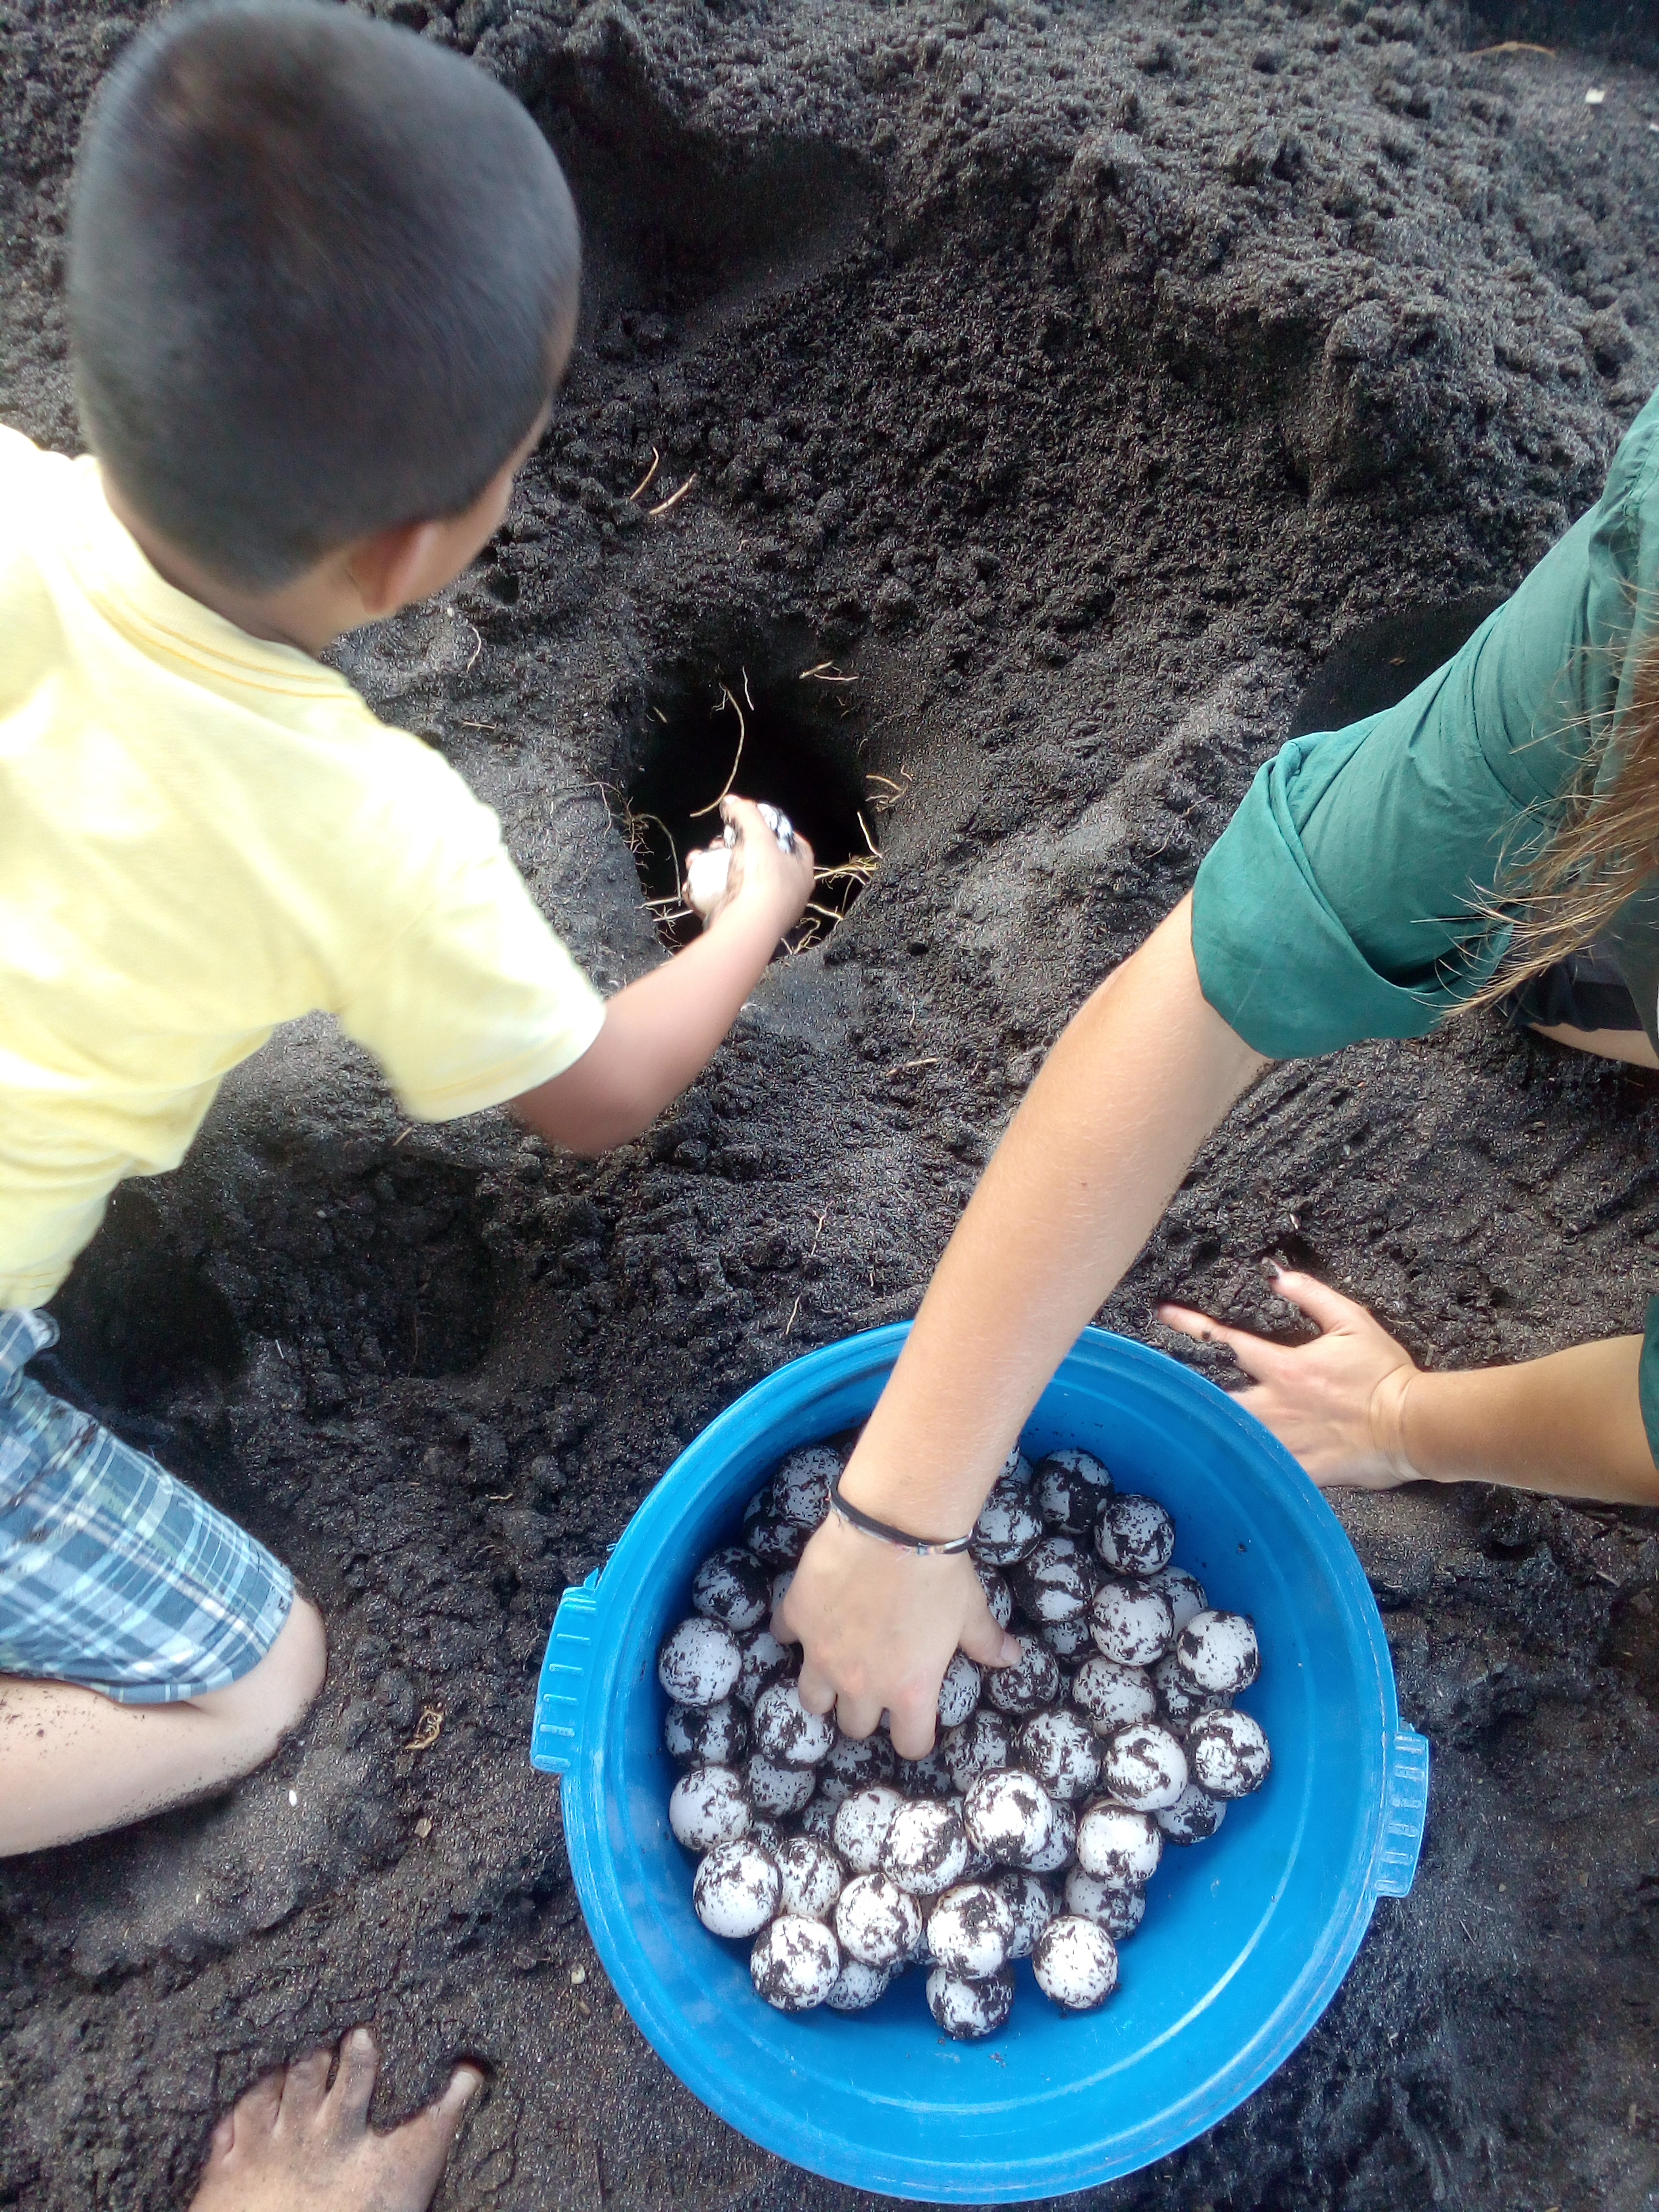 quiero ser voluntario en Guatemala con tortugas